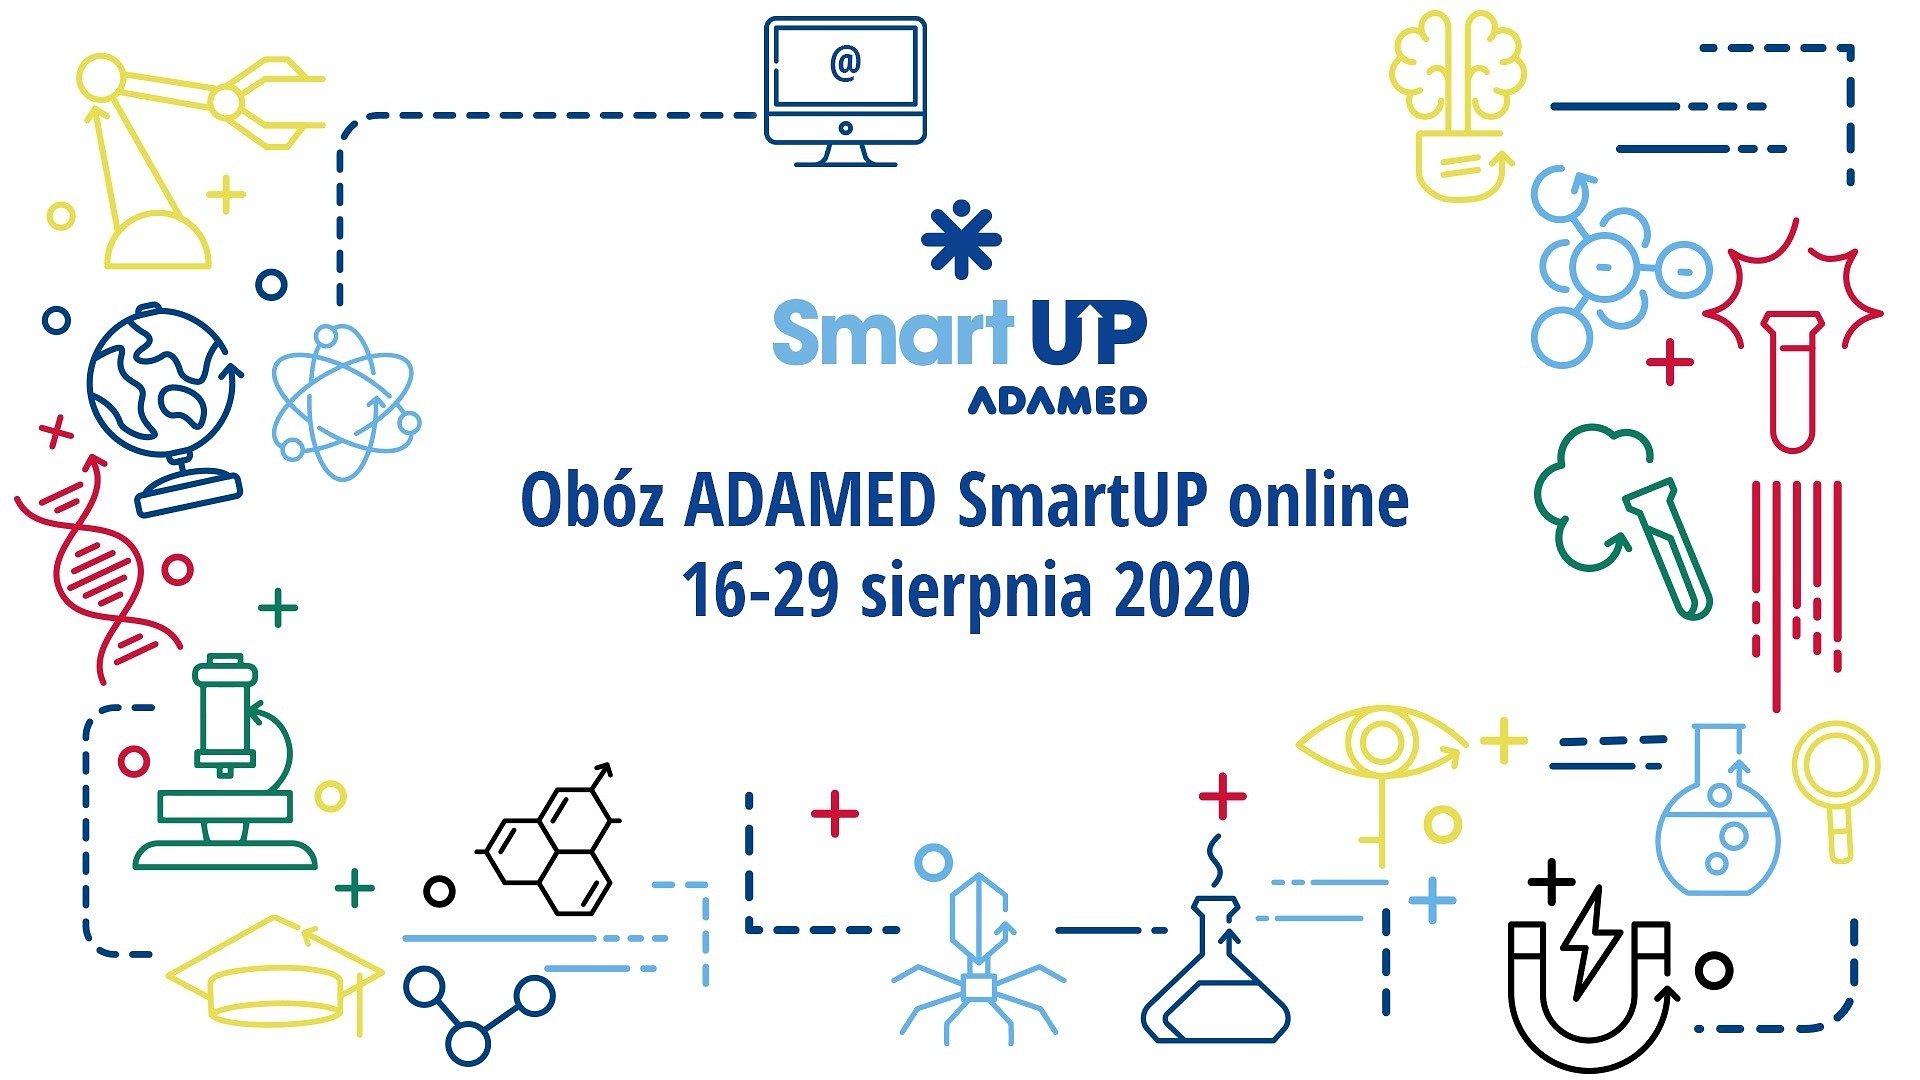 Utalentowani uczniowie wcześniej wracają do nauki – sierpniowy obóz ADAMED SmartUP